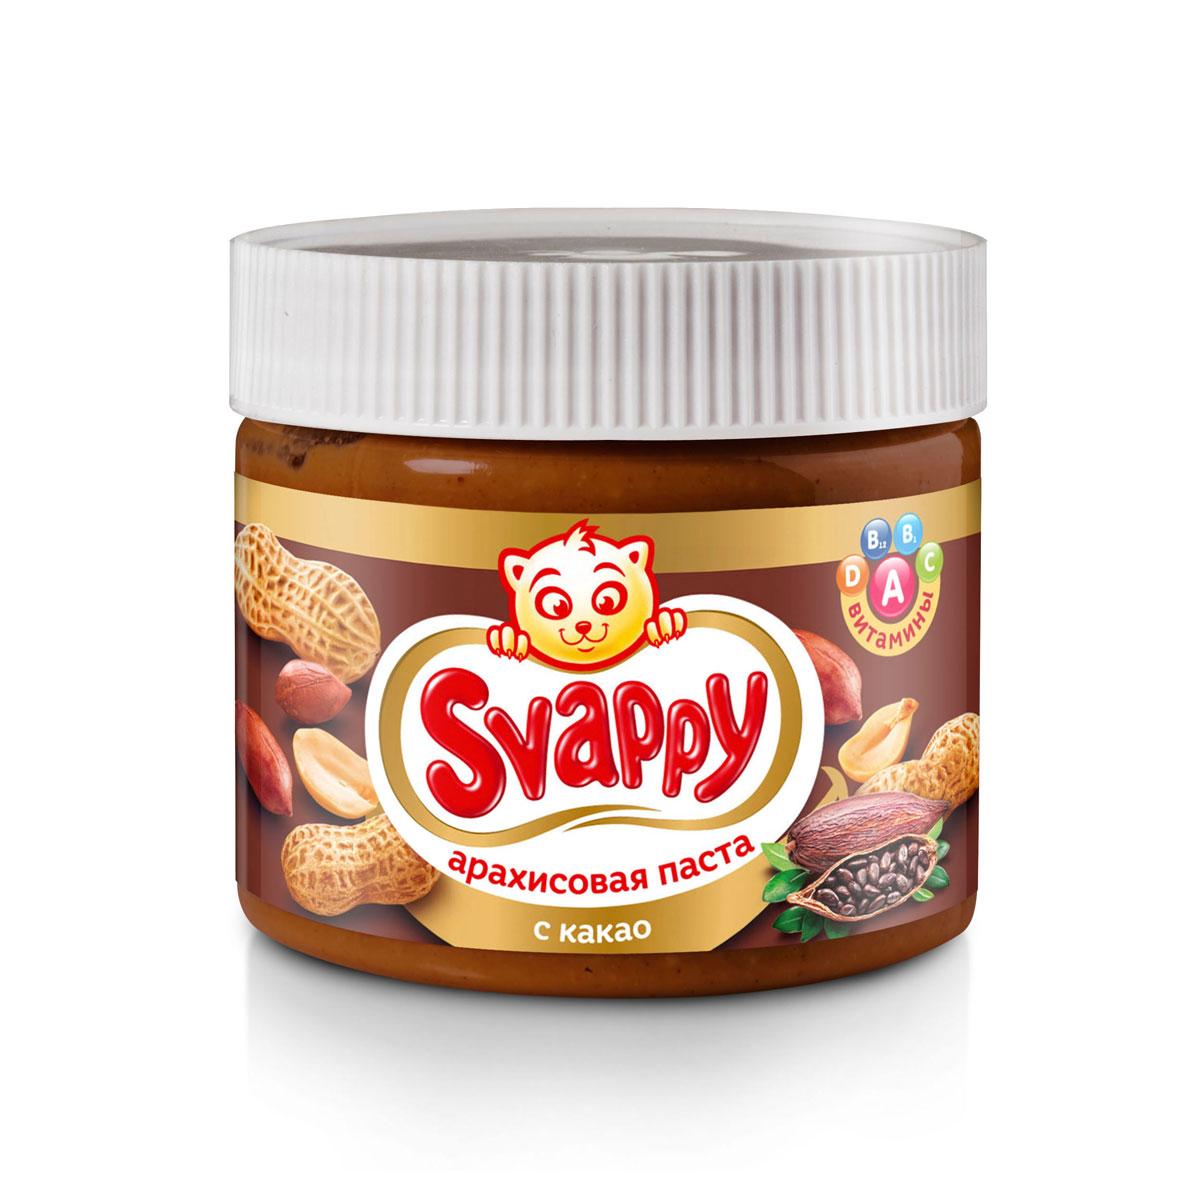 Svappy арахисовая паста с какао, 300 г4603726039031Арахисовая паста с какао Svappy - эксклюзивный продукт из отборного аргентинского арахиса, выращенного по стандартам контроля GMP. Паста не содержит в себе ГМО, глютена и прочих вредных веществ. Процедура обжаривания арахиса происходит по особой рецептуре, разработанной технологами, также паста имеет приятную консистенцию, не прилипает во время еды и насыщена витаминами A, B1, B12, C, D. Каждая баночка проходит чуткий контроль технологов и отдела ОТК. Продукция полностью сертифицирована и прошла все лабораторные и бактериологические исследования. Уважаемые клиенты! Обращаем ваше внимание, что полный перечень состава продукта представлен на дополнительном изображении.